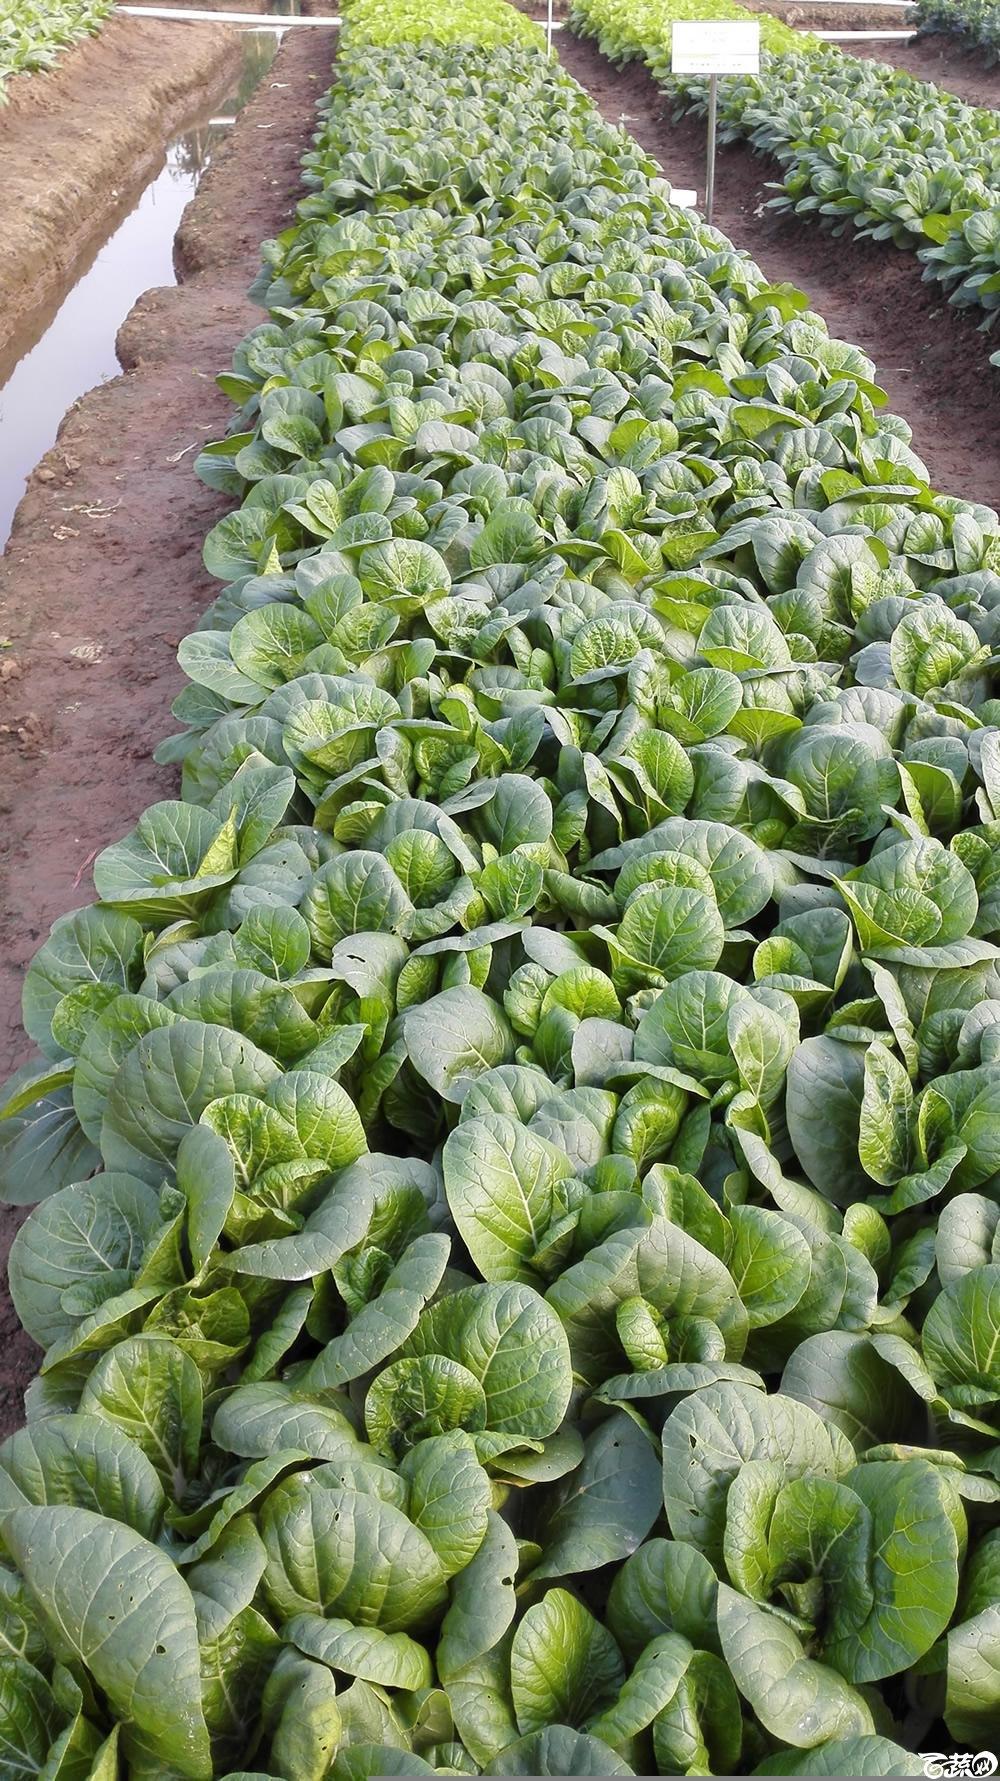 2014年12月10号广州市农科院南沙秋季蔬菜新品种展示会_叶菜_220.jpg